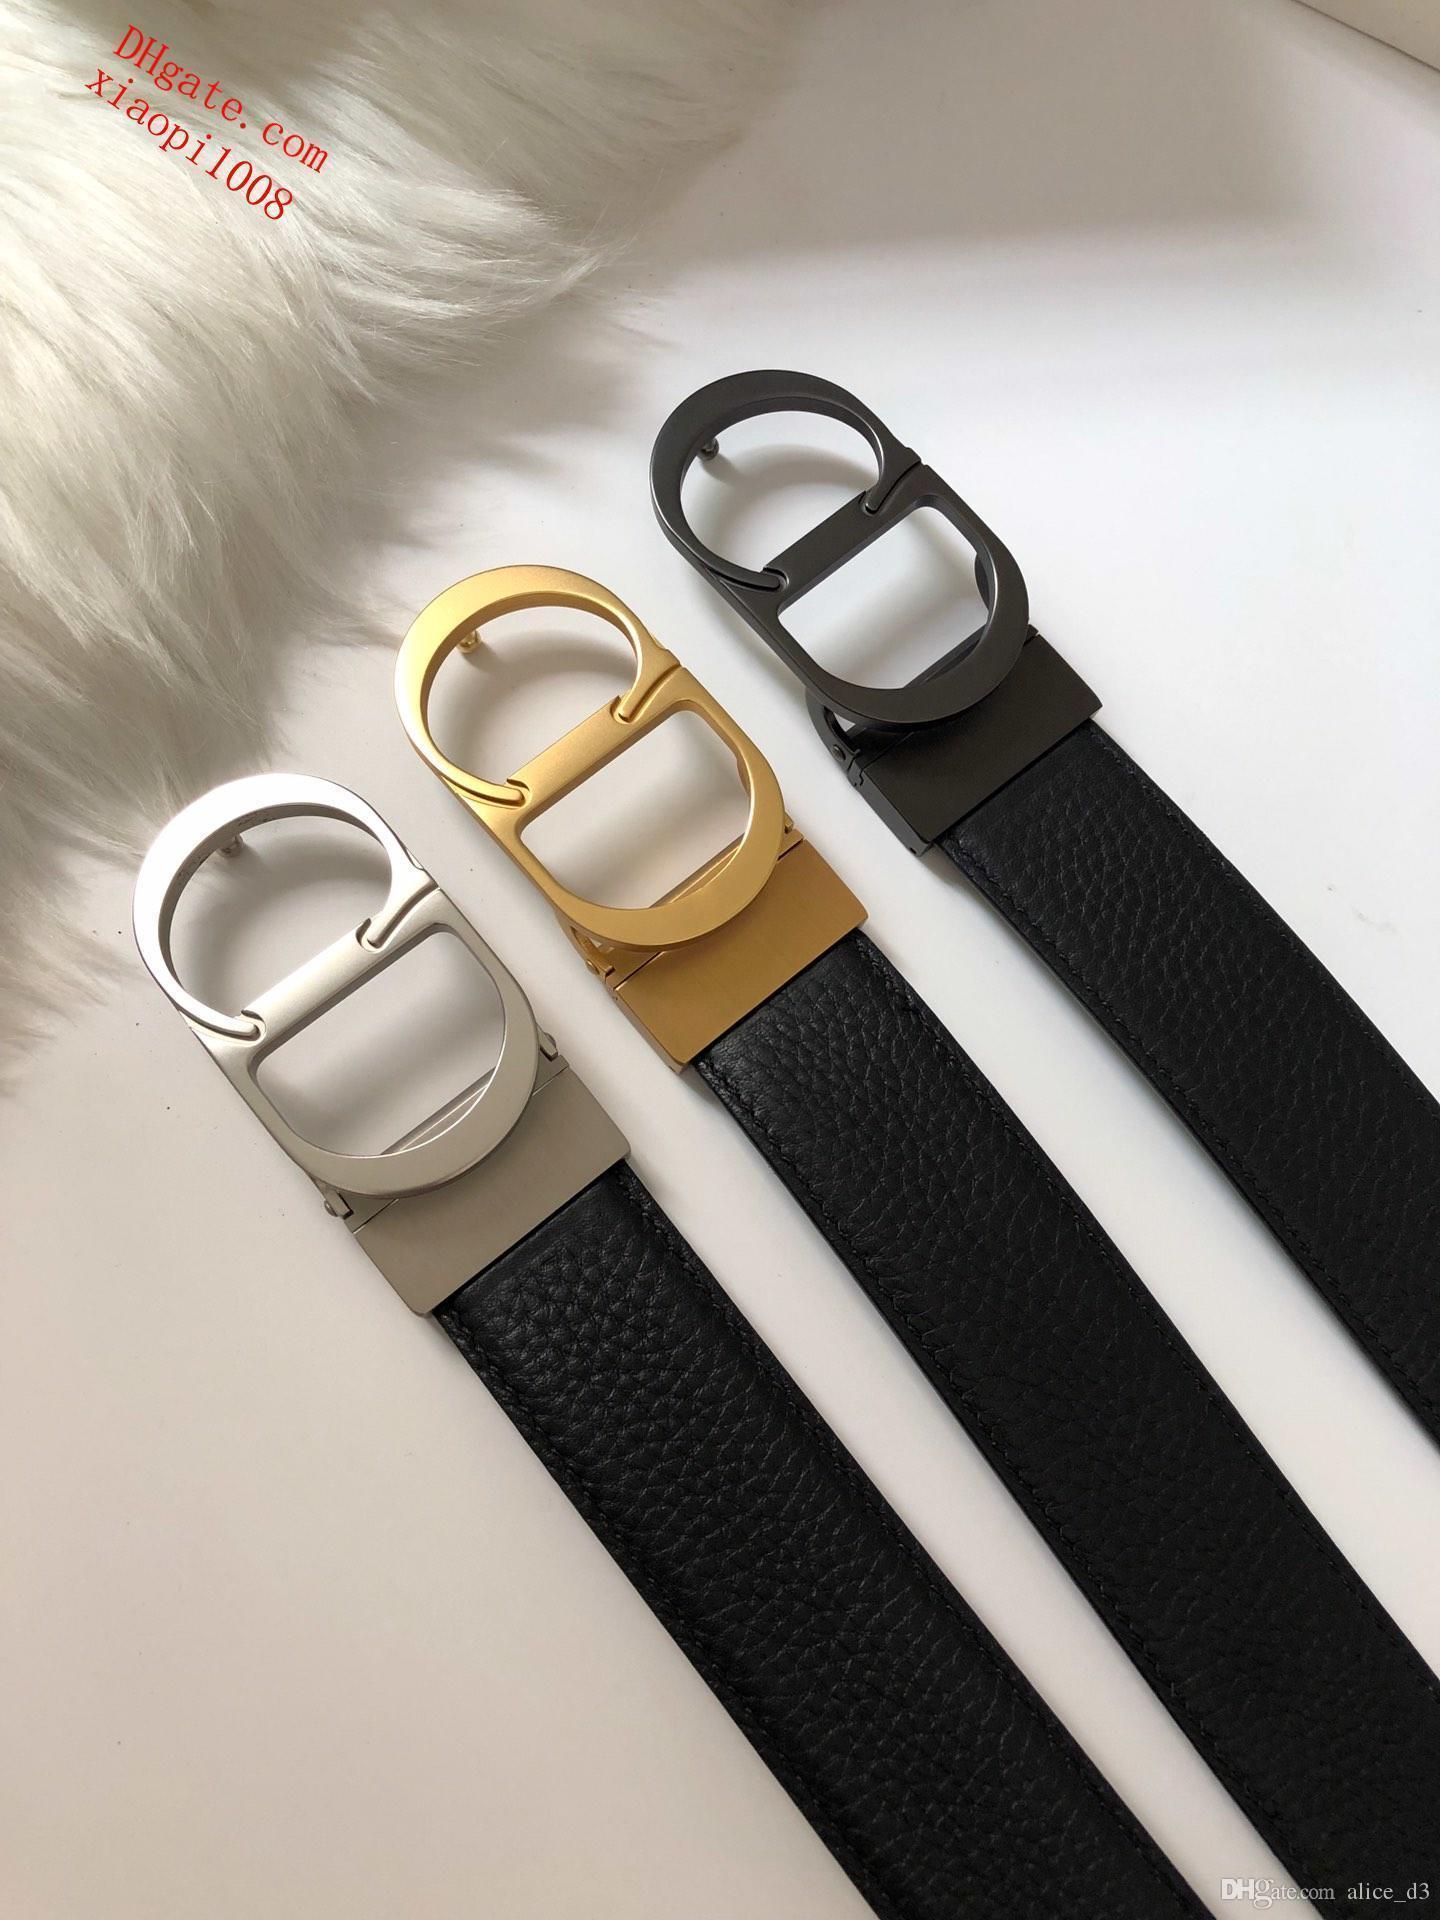 2019 Les nouvelles ceintures pour hommes gros boucle sangles en cuir de mens mode ceintures pour hommes gros